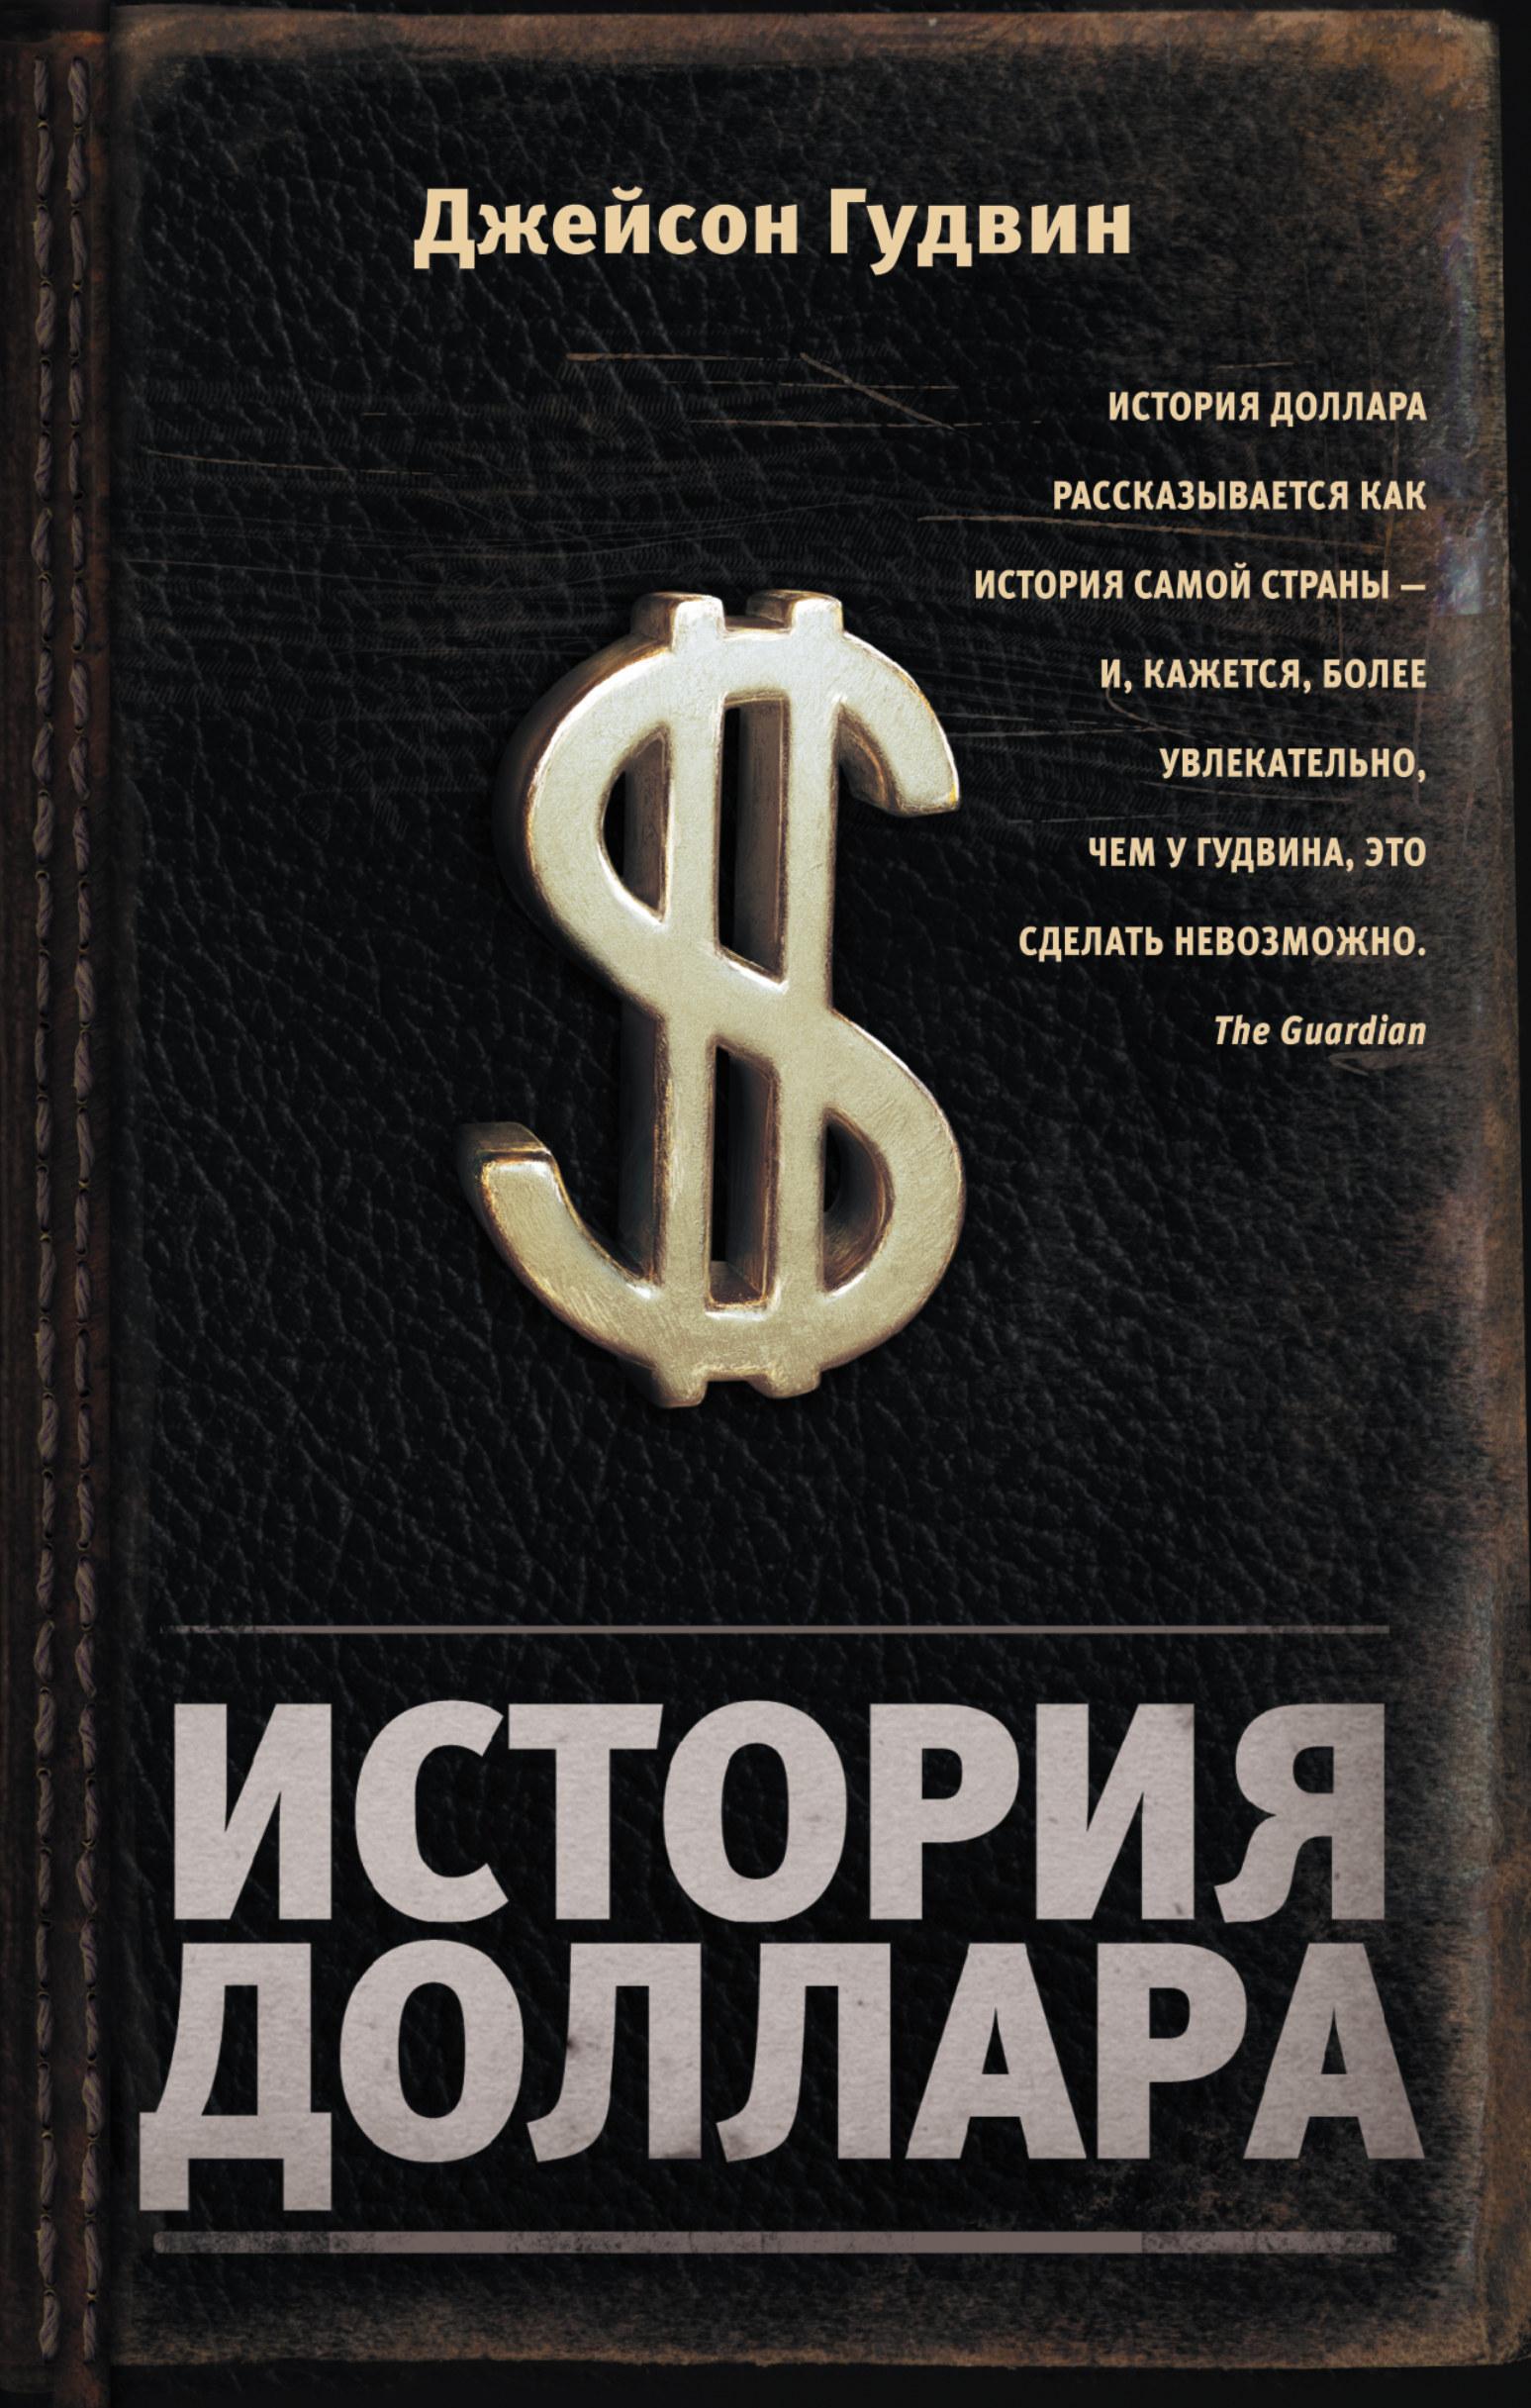 Гудвин Д. История доллара атаманенко и шпионское ревю